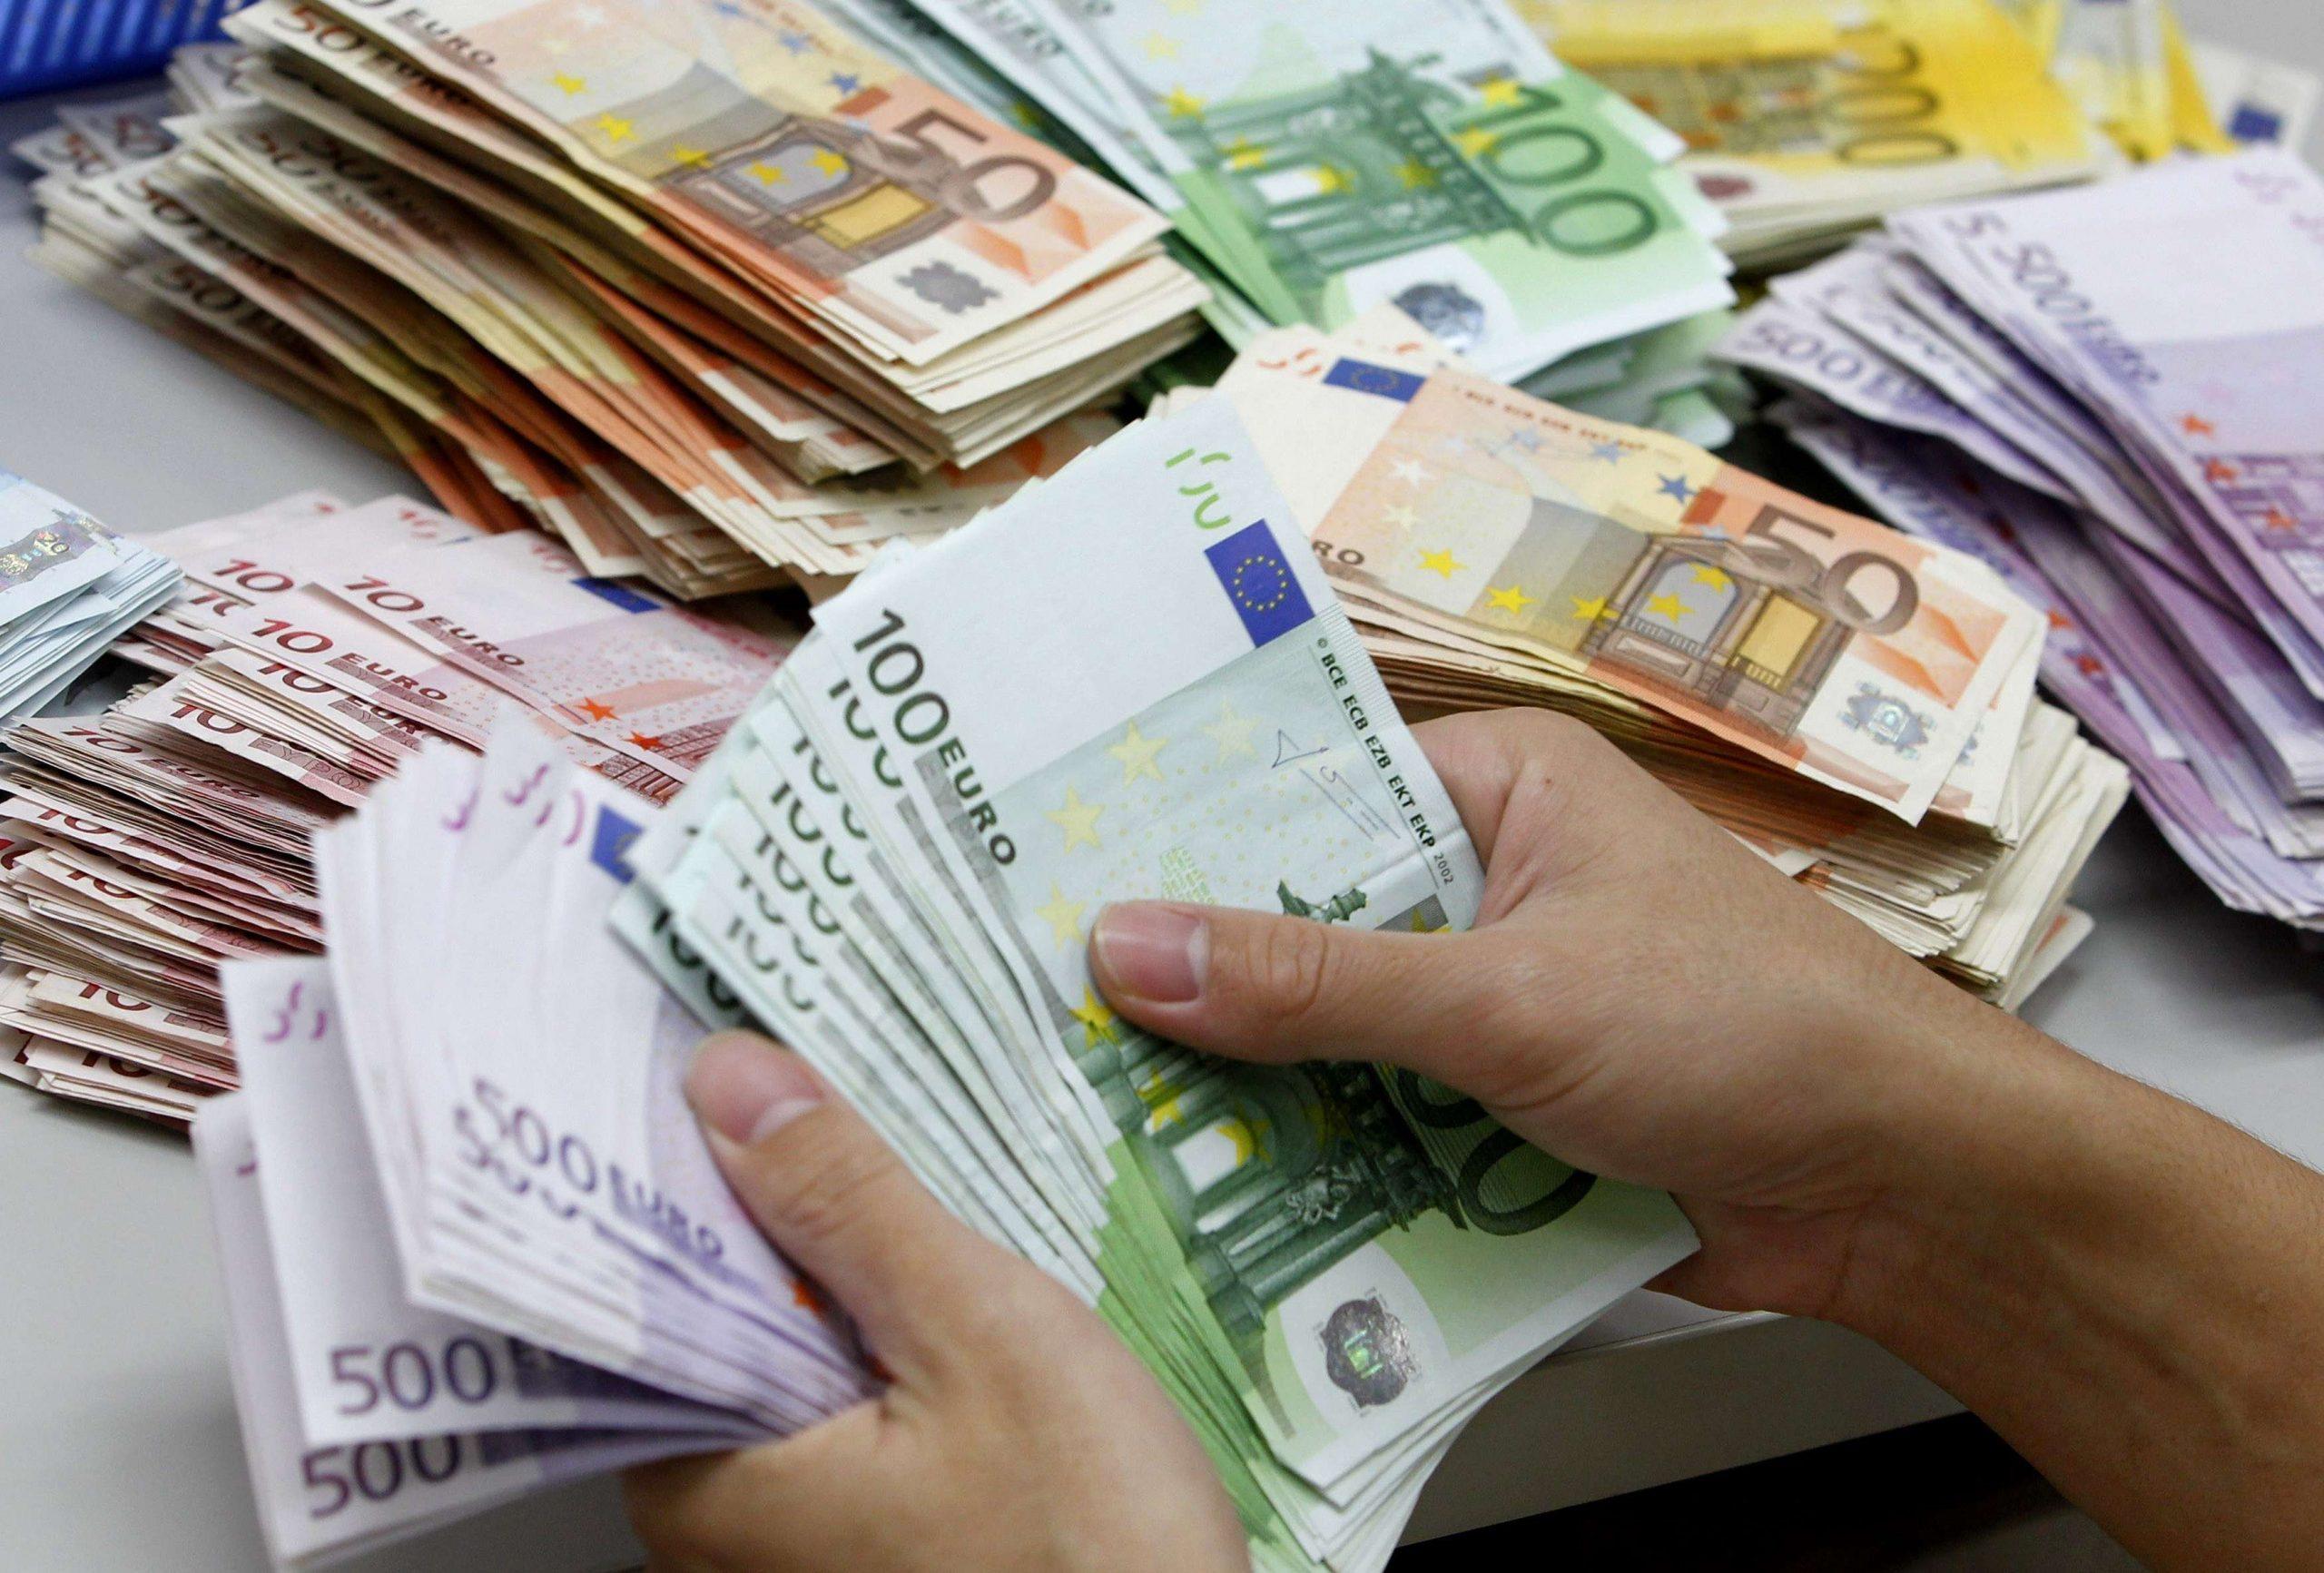 Gruaja fiton 33 milion euro në lotari dhe harron biletën në çantë